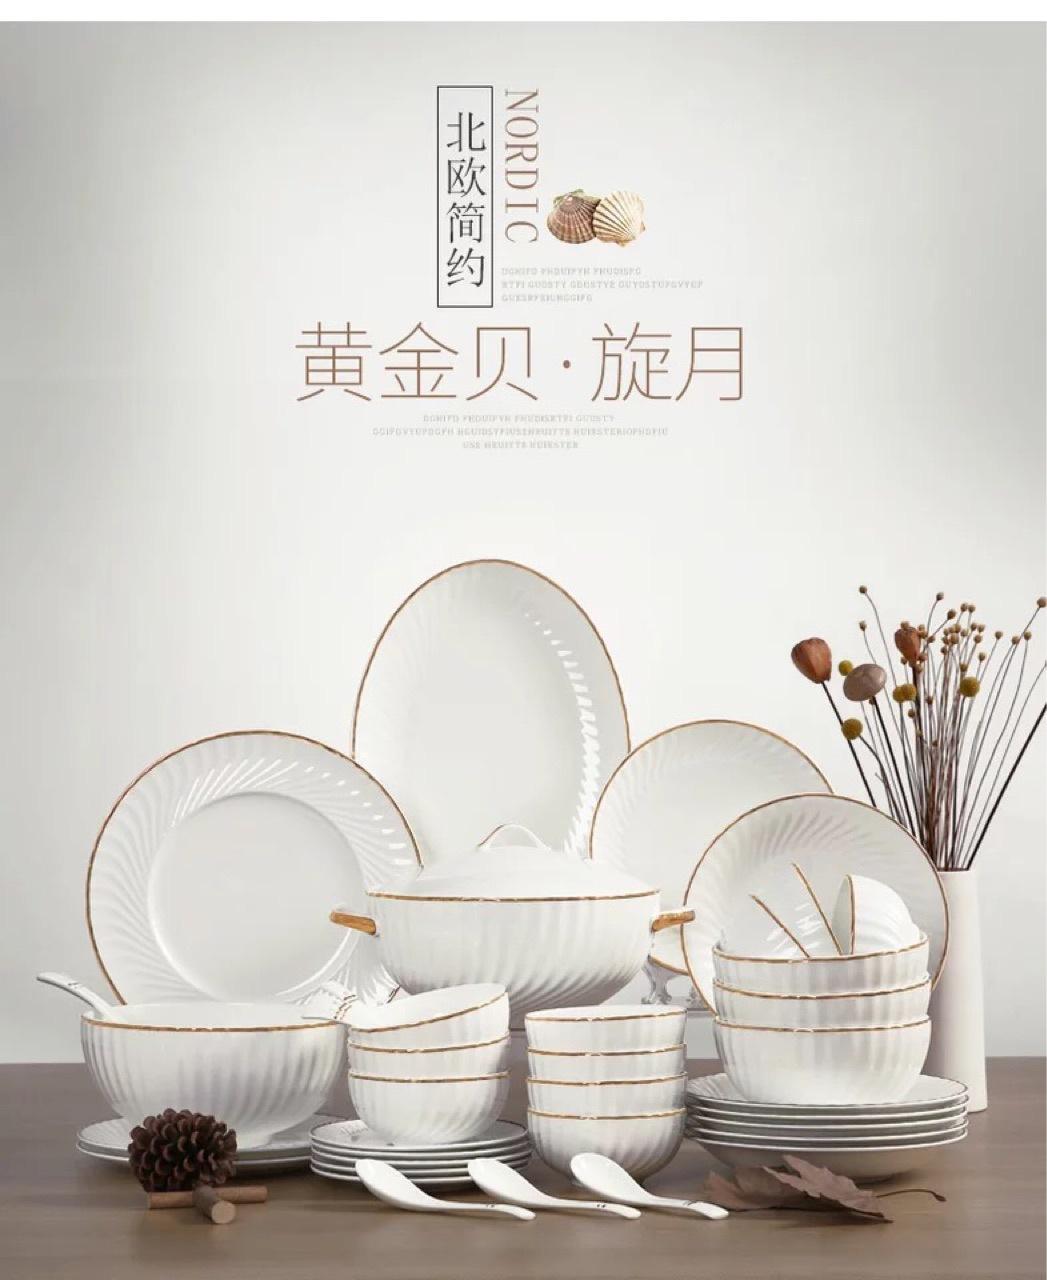 骨瓷简约浮雕餐具骨瓷餐具北欧风格骨质瓷简欧餐具套装陶瓷餐具定